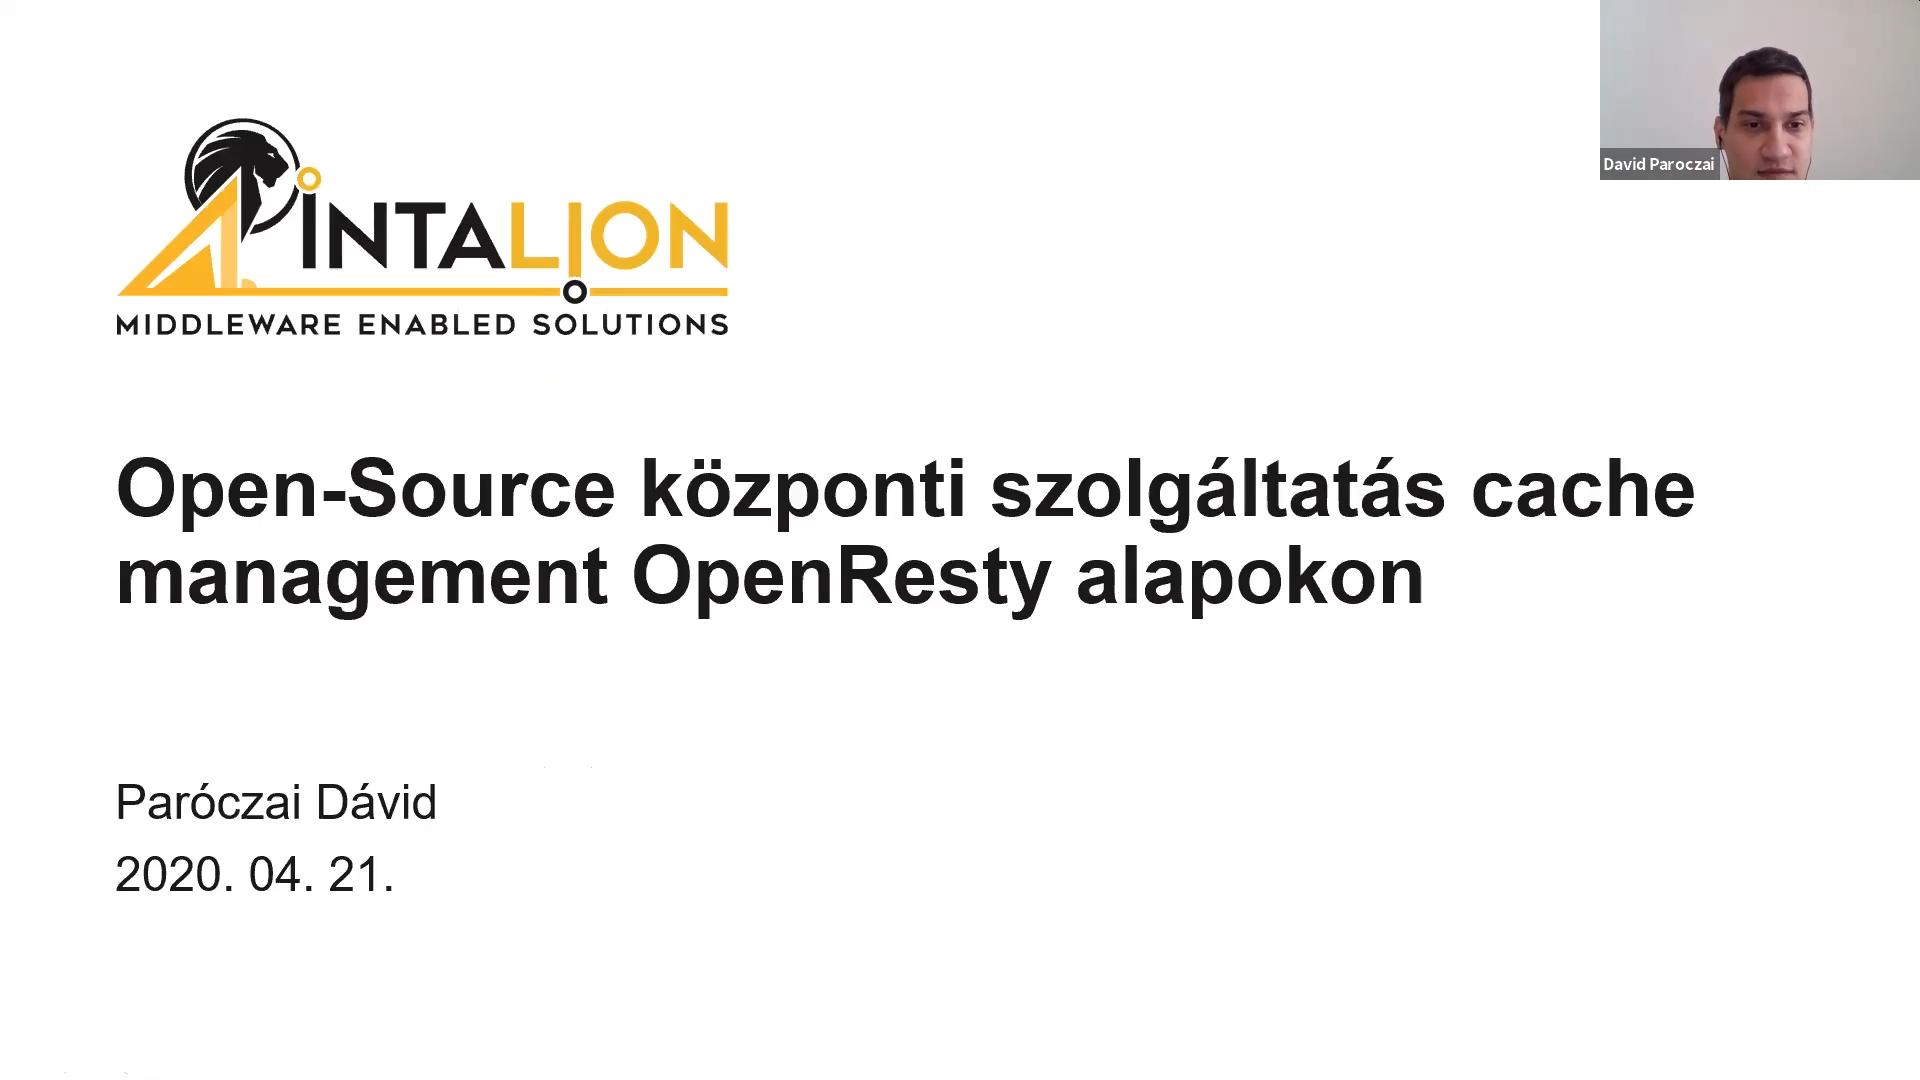 Open-Source központi szolgáltatás cache management OpenResty alapokon